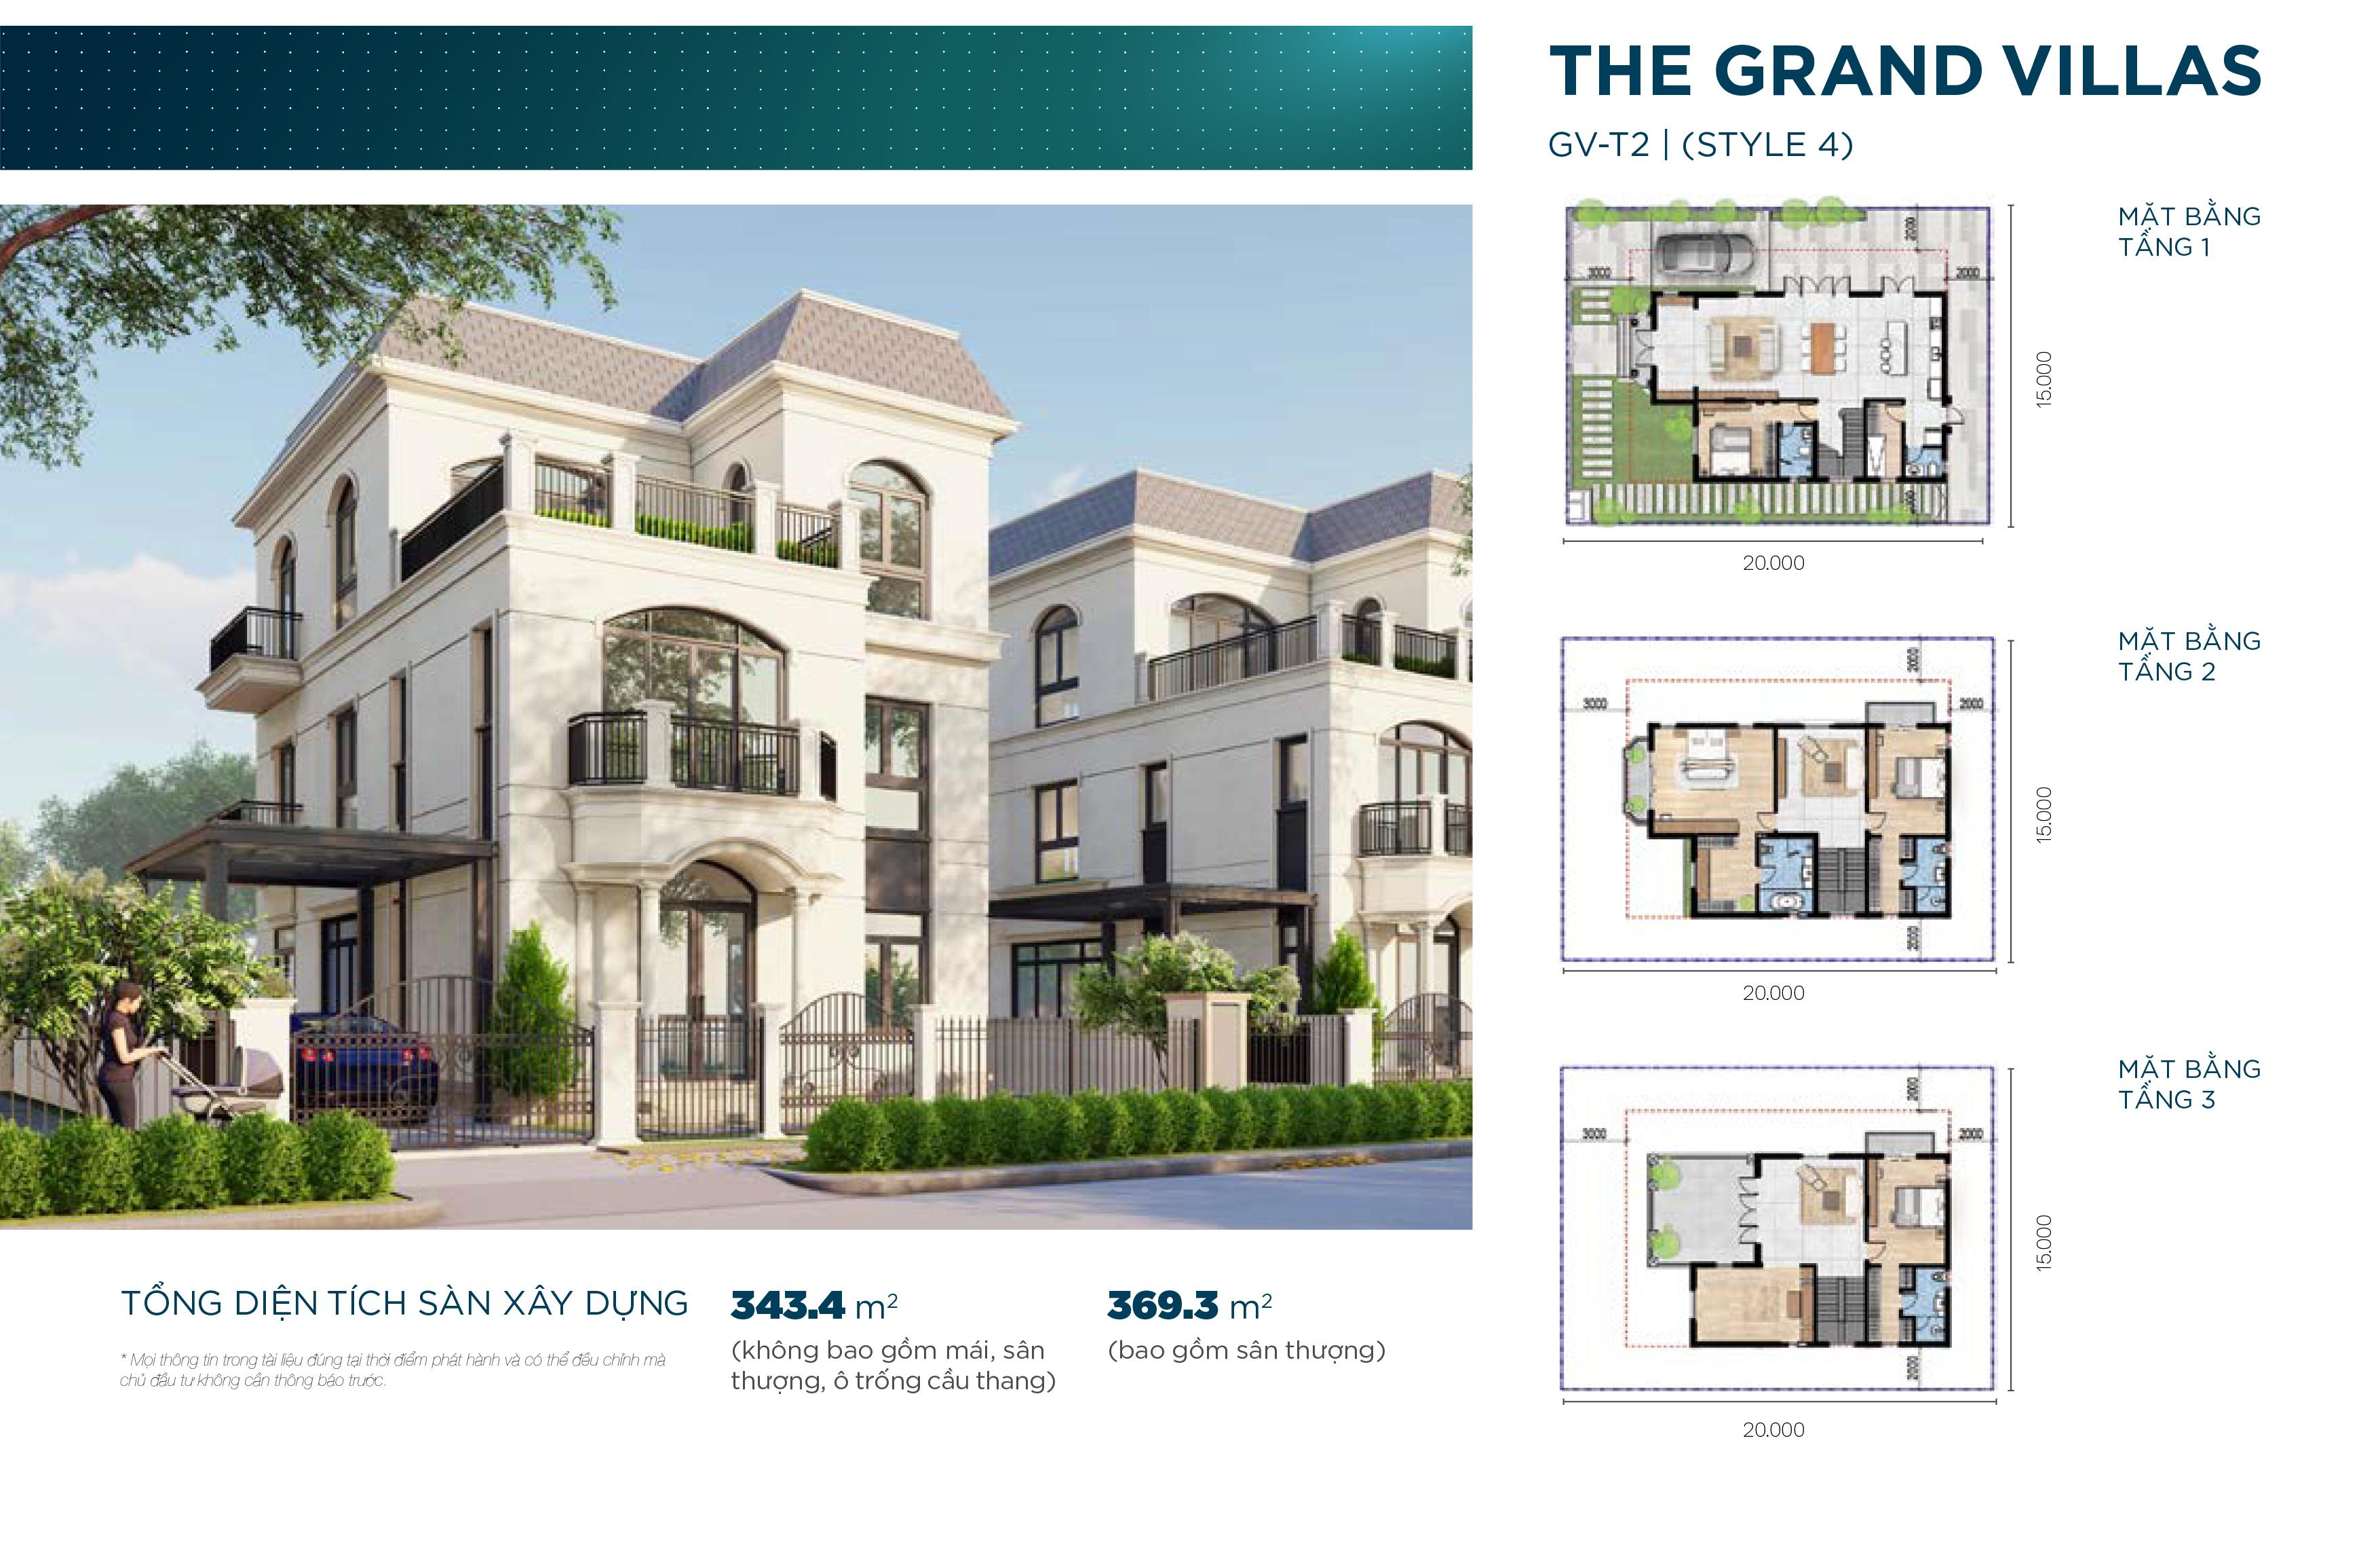 Mẫu biệt thự The Grand Villas đẳng cấp dự án Aqua City